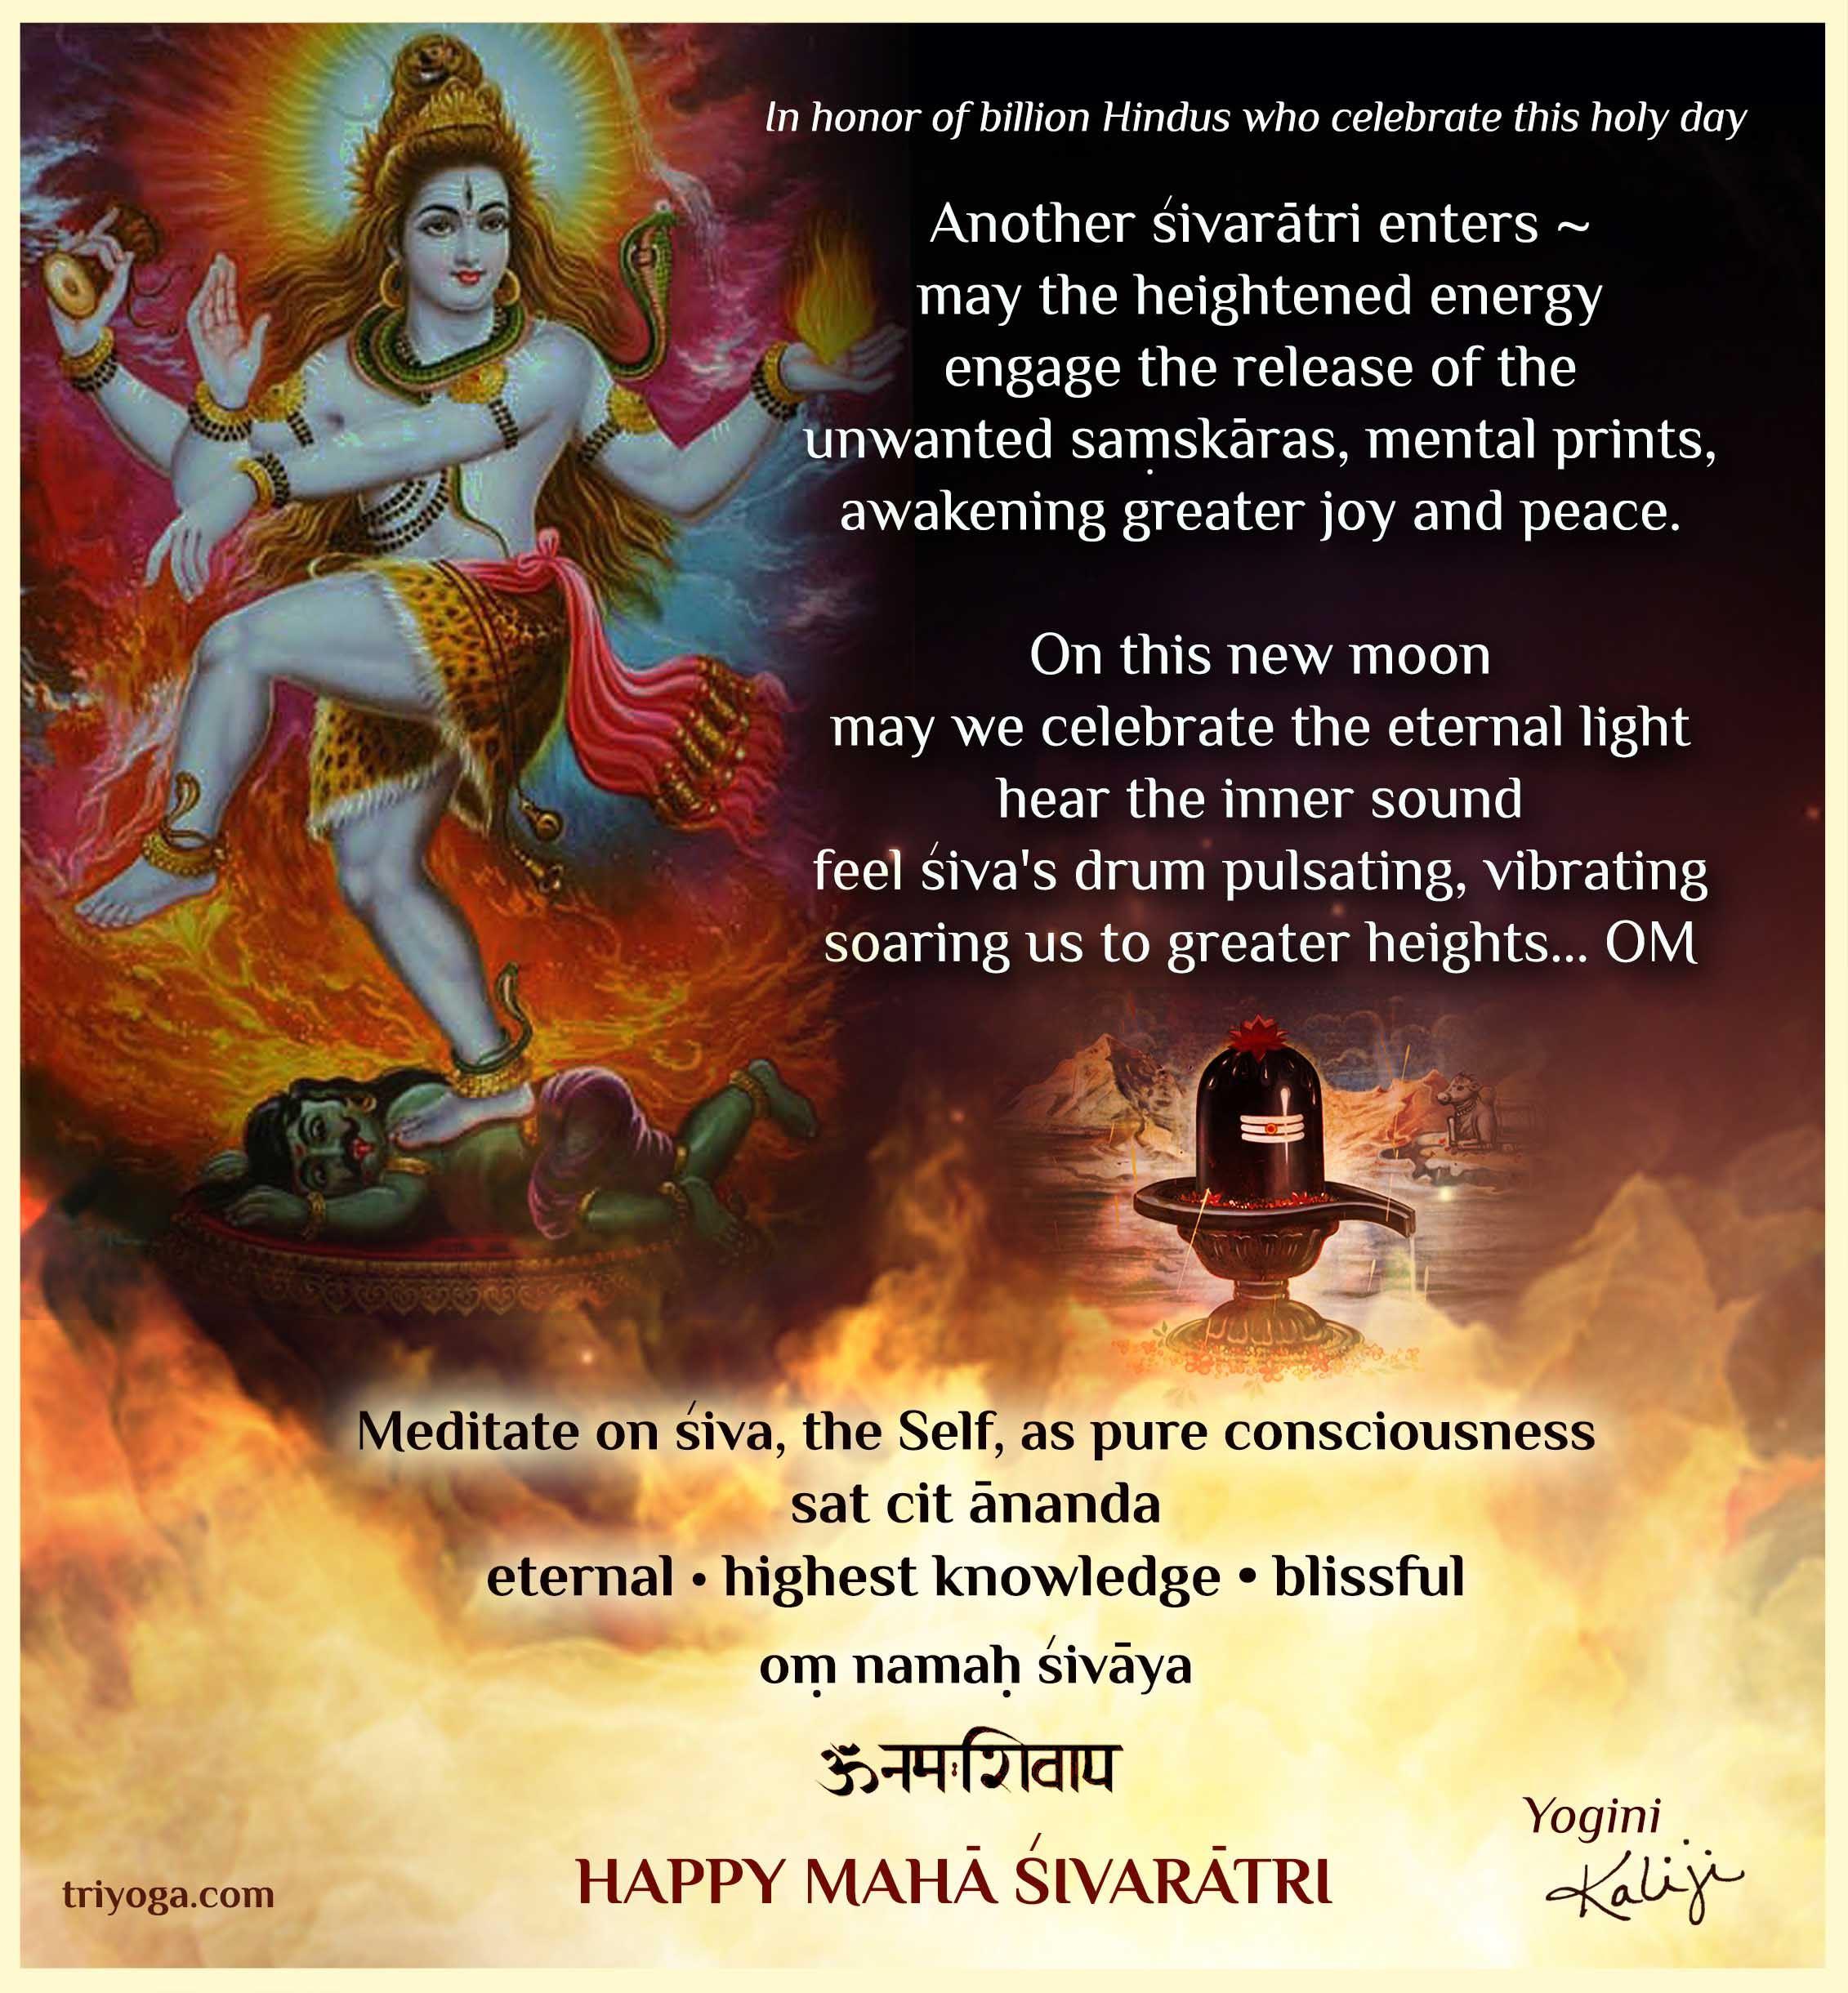 KJI_message_Sivaratri_2014